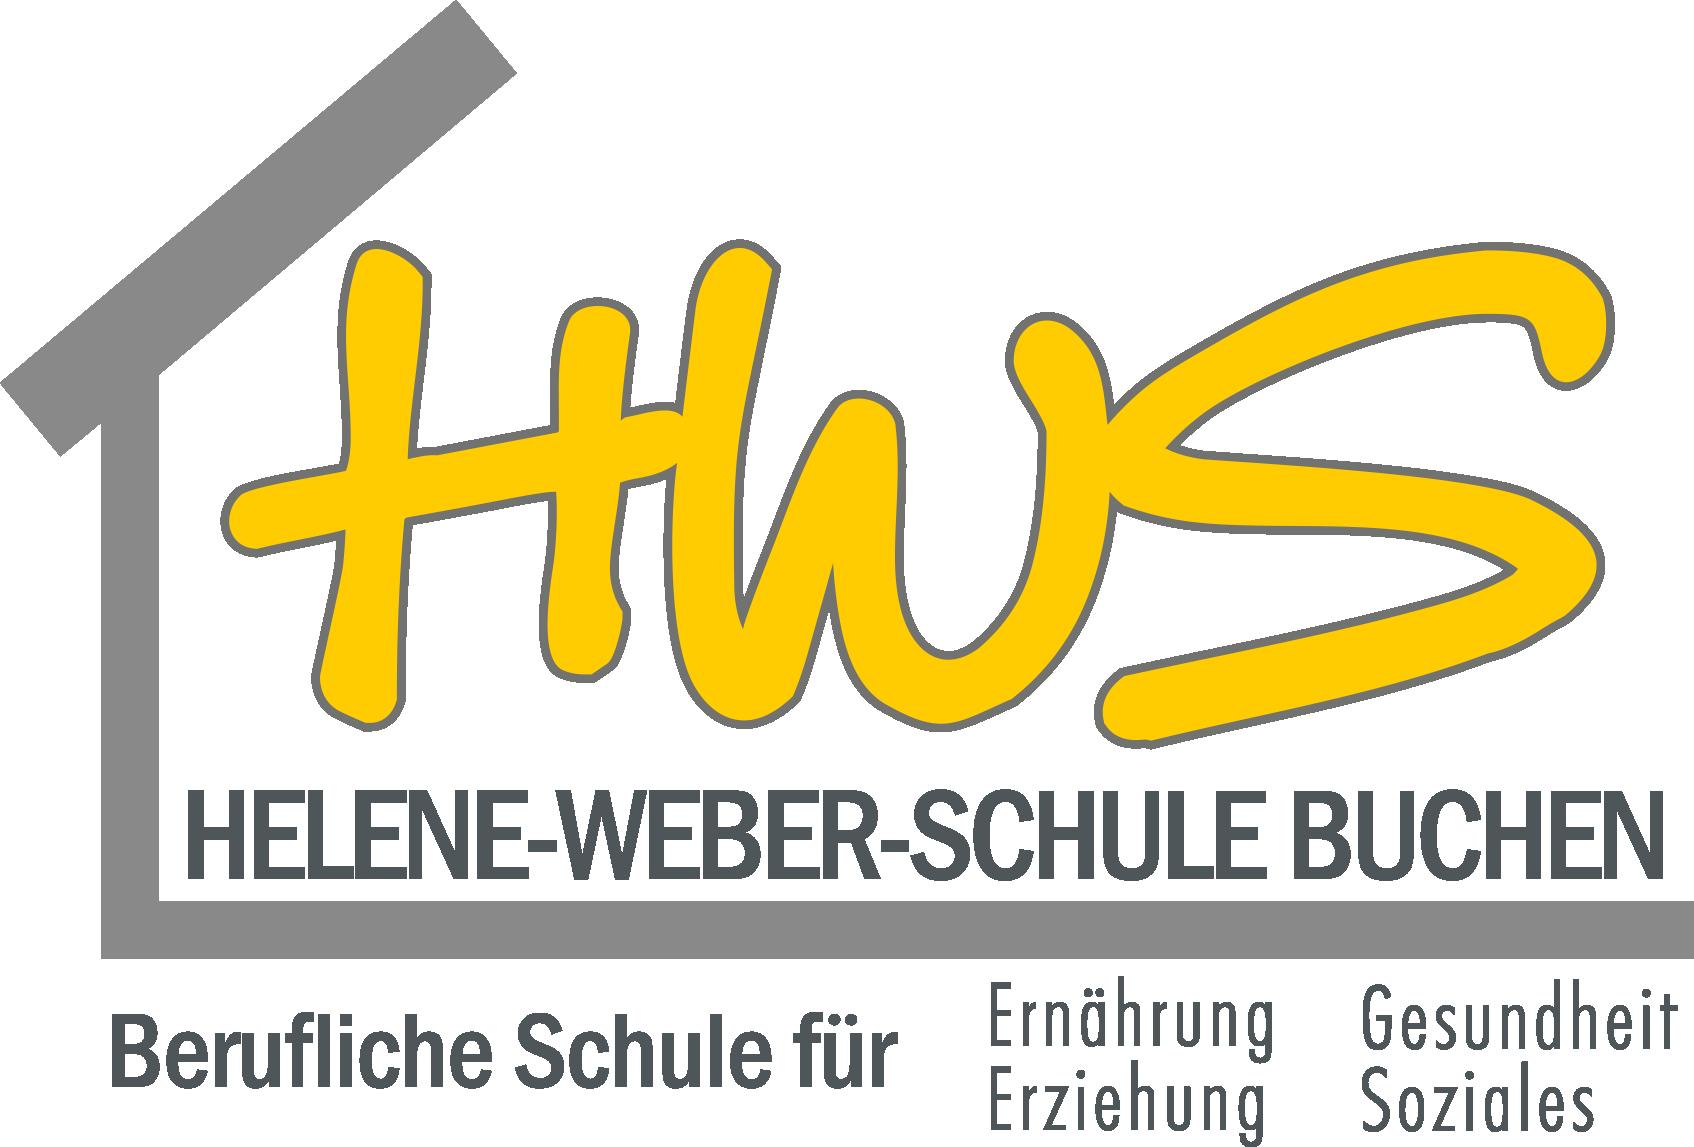 Helene-Weber-Schule